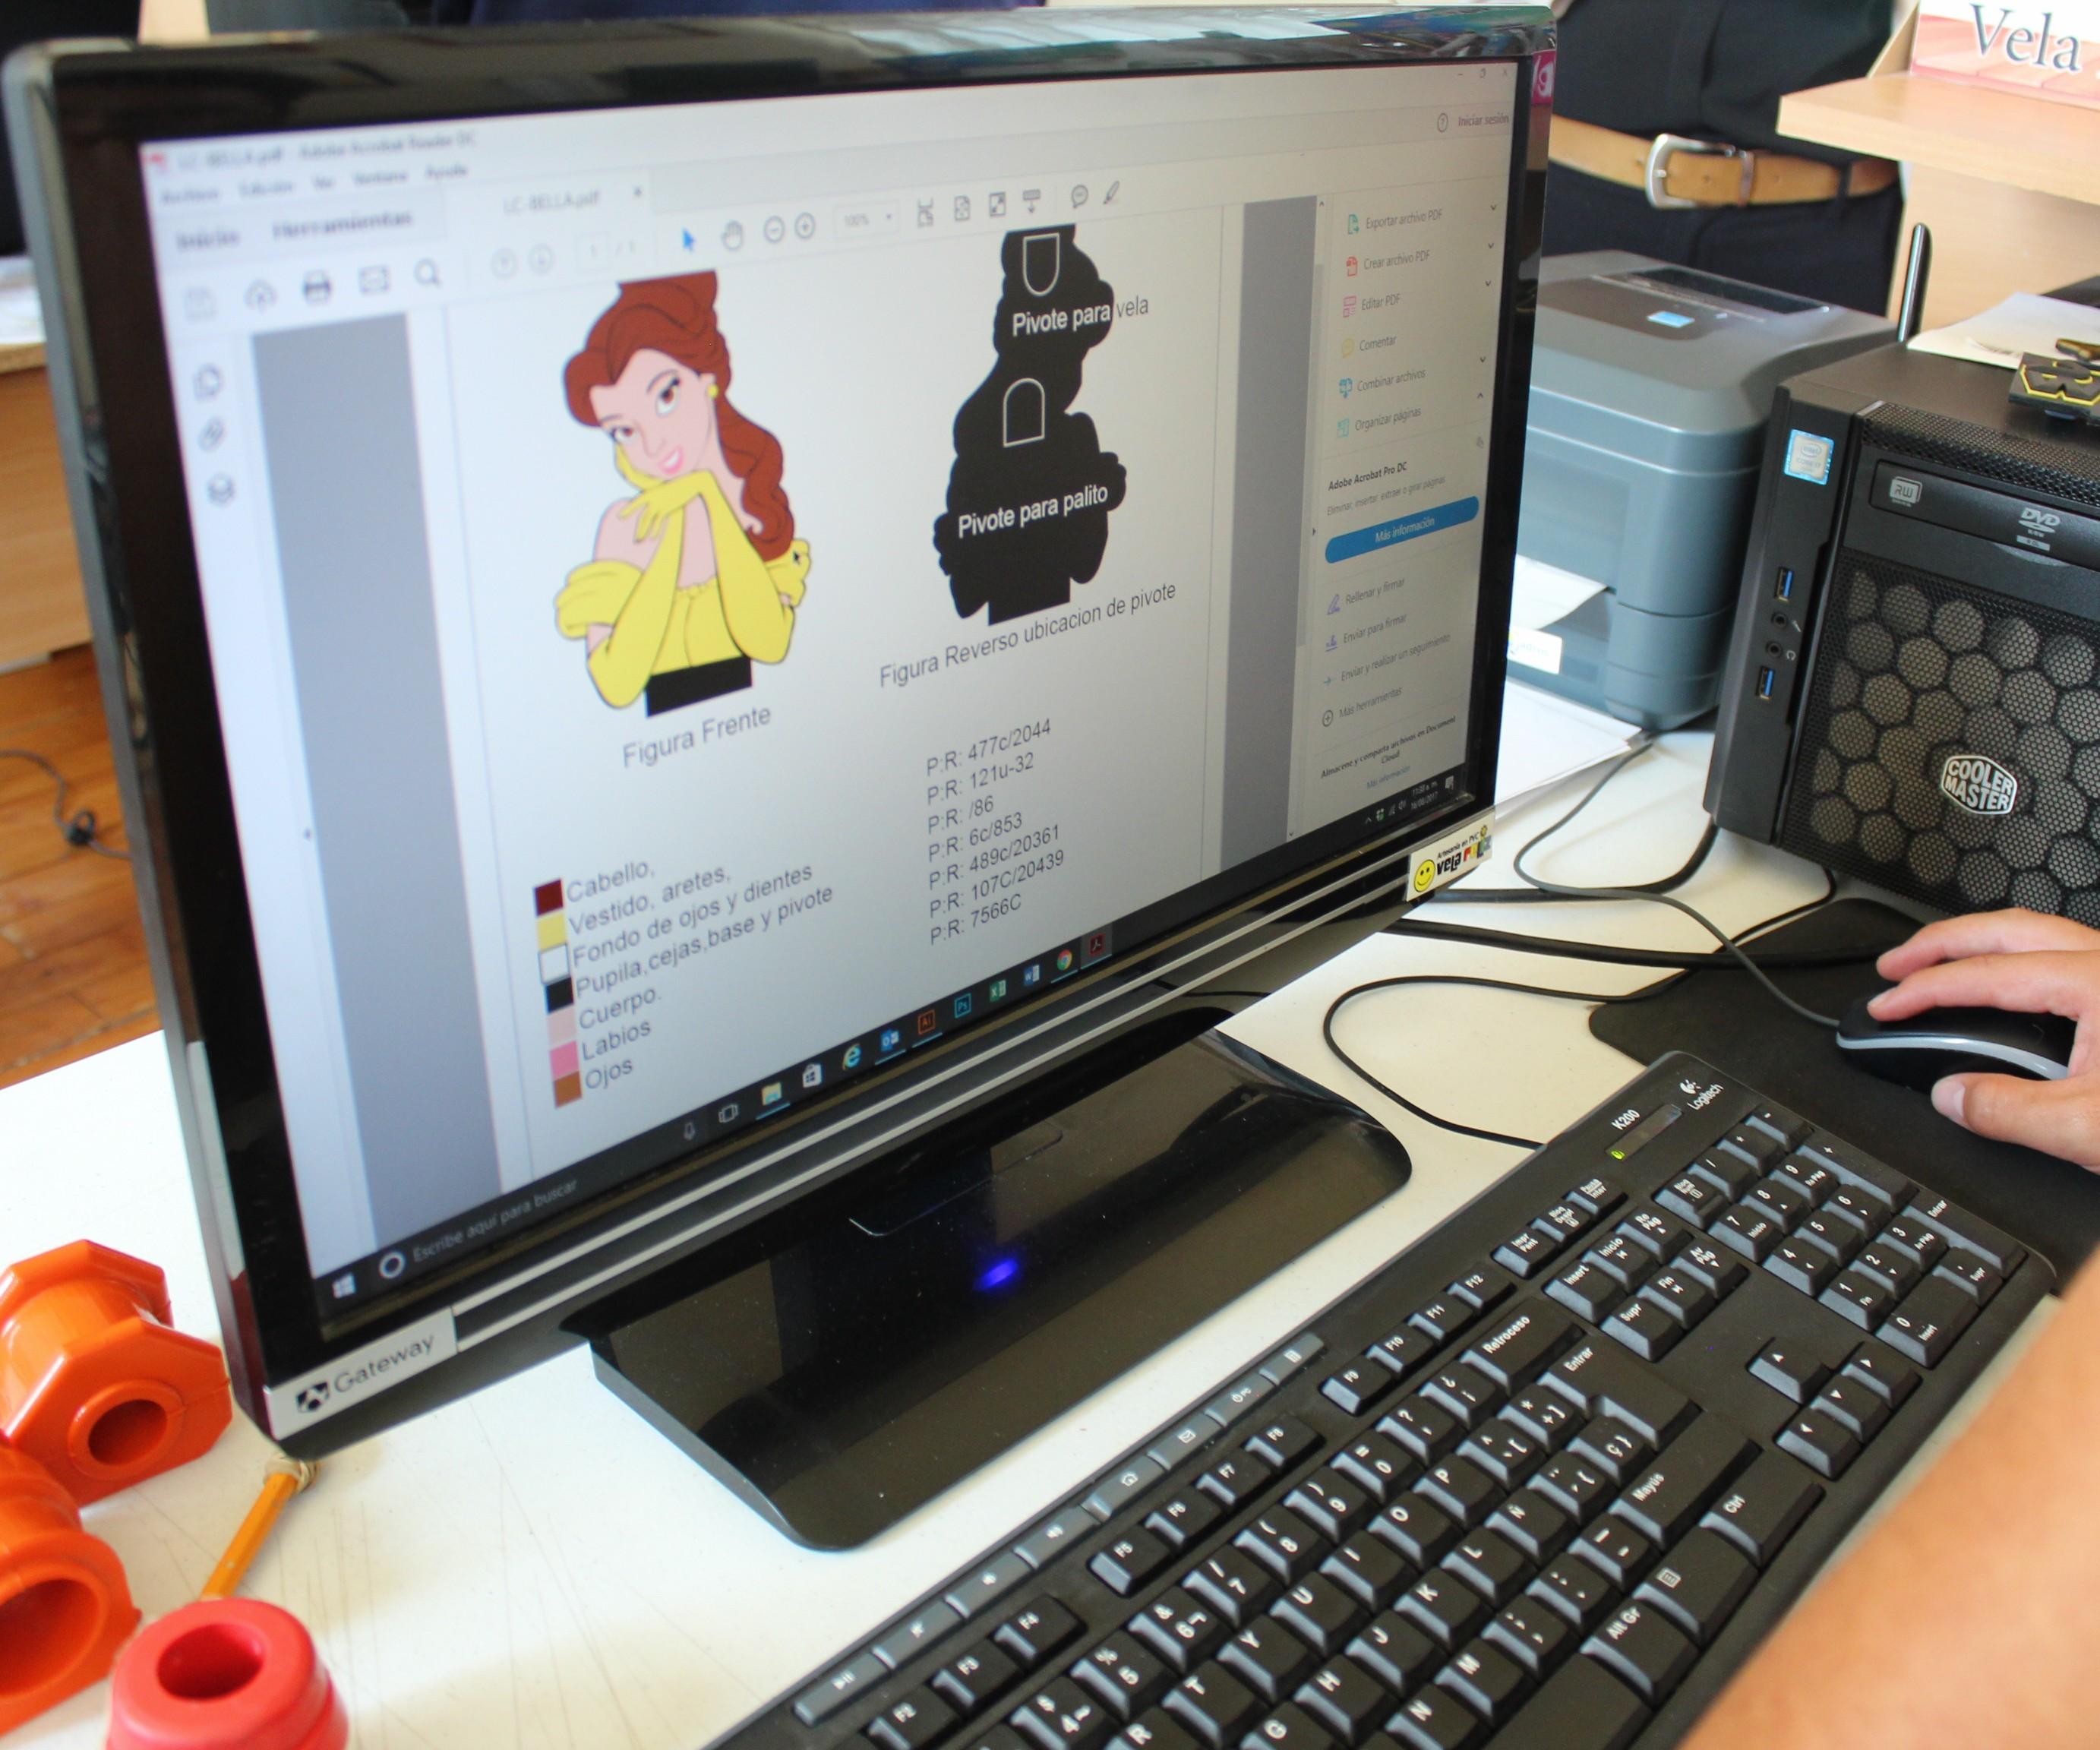 INOVATEC 3D obtuvo la certificación internacional Estándares Laborales Internacionales (ILS, por sus siglas en inglés) de la compañía Walt Disney que pocas empresas mexicanas reciben.